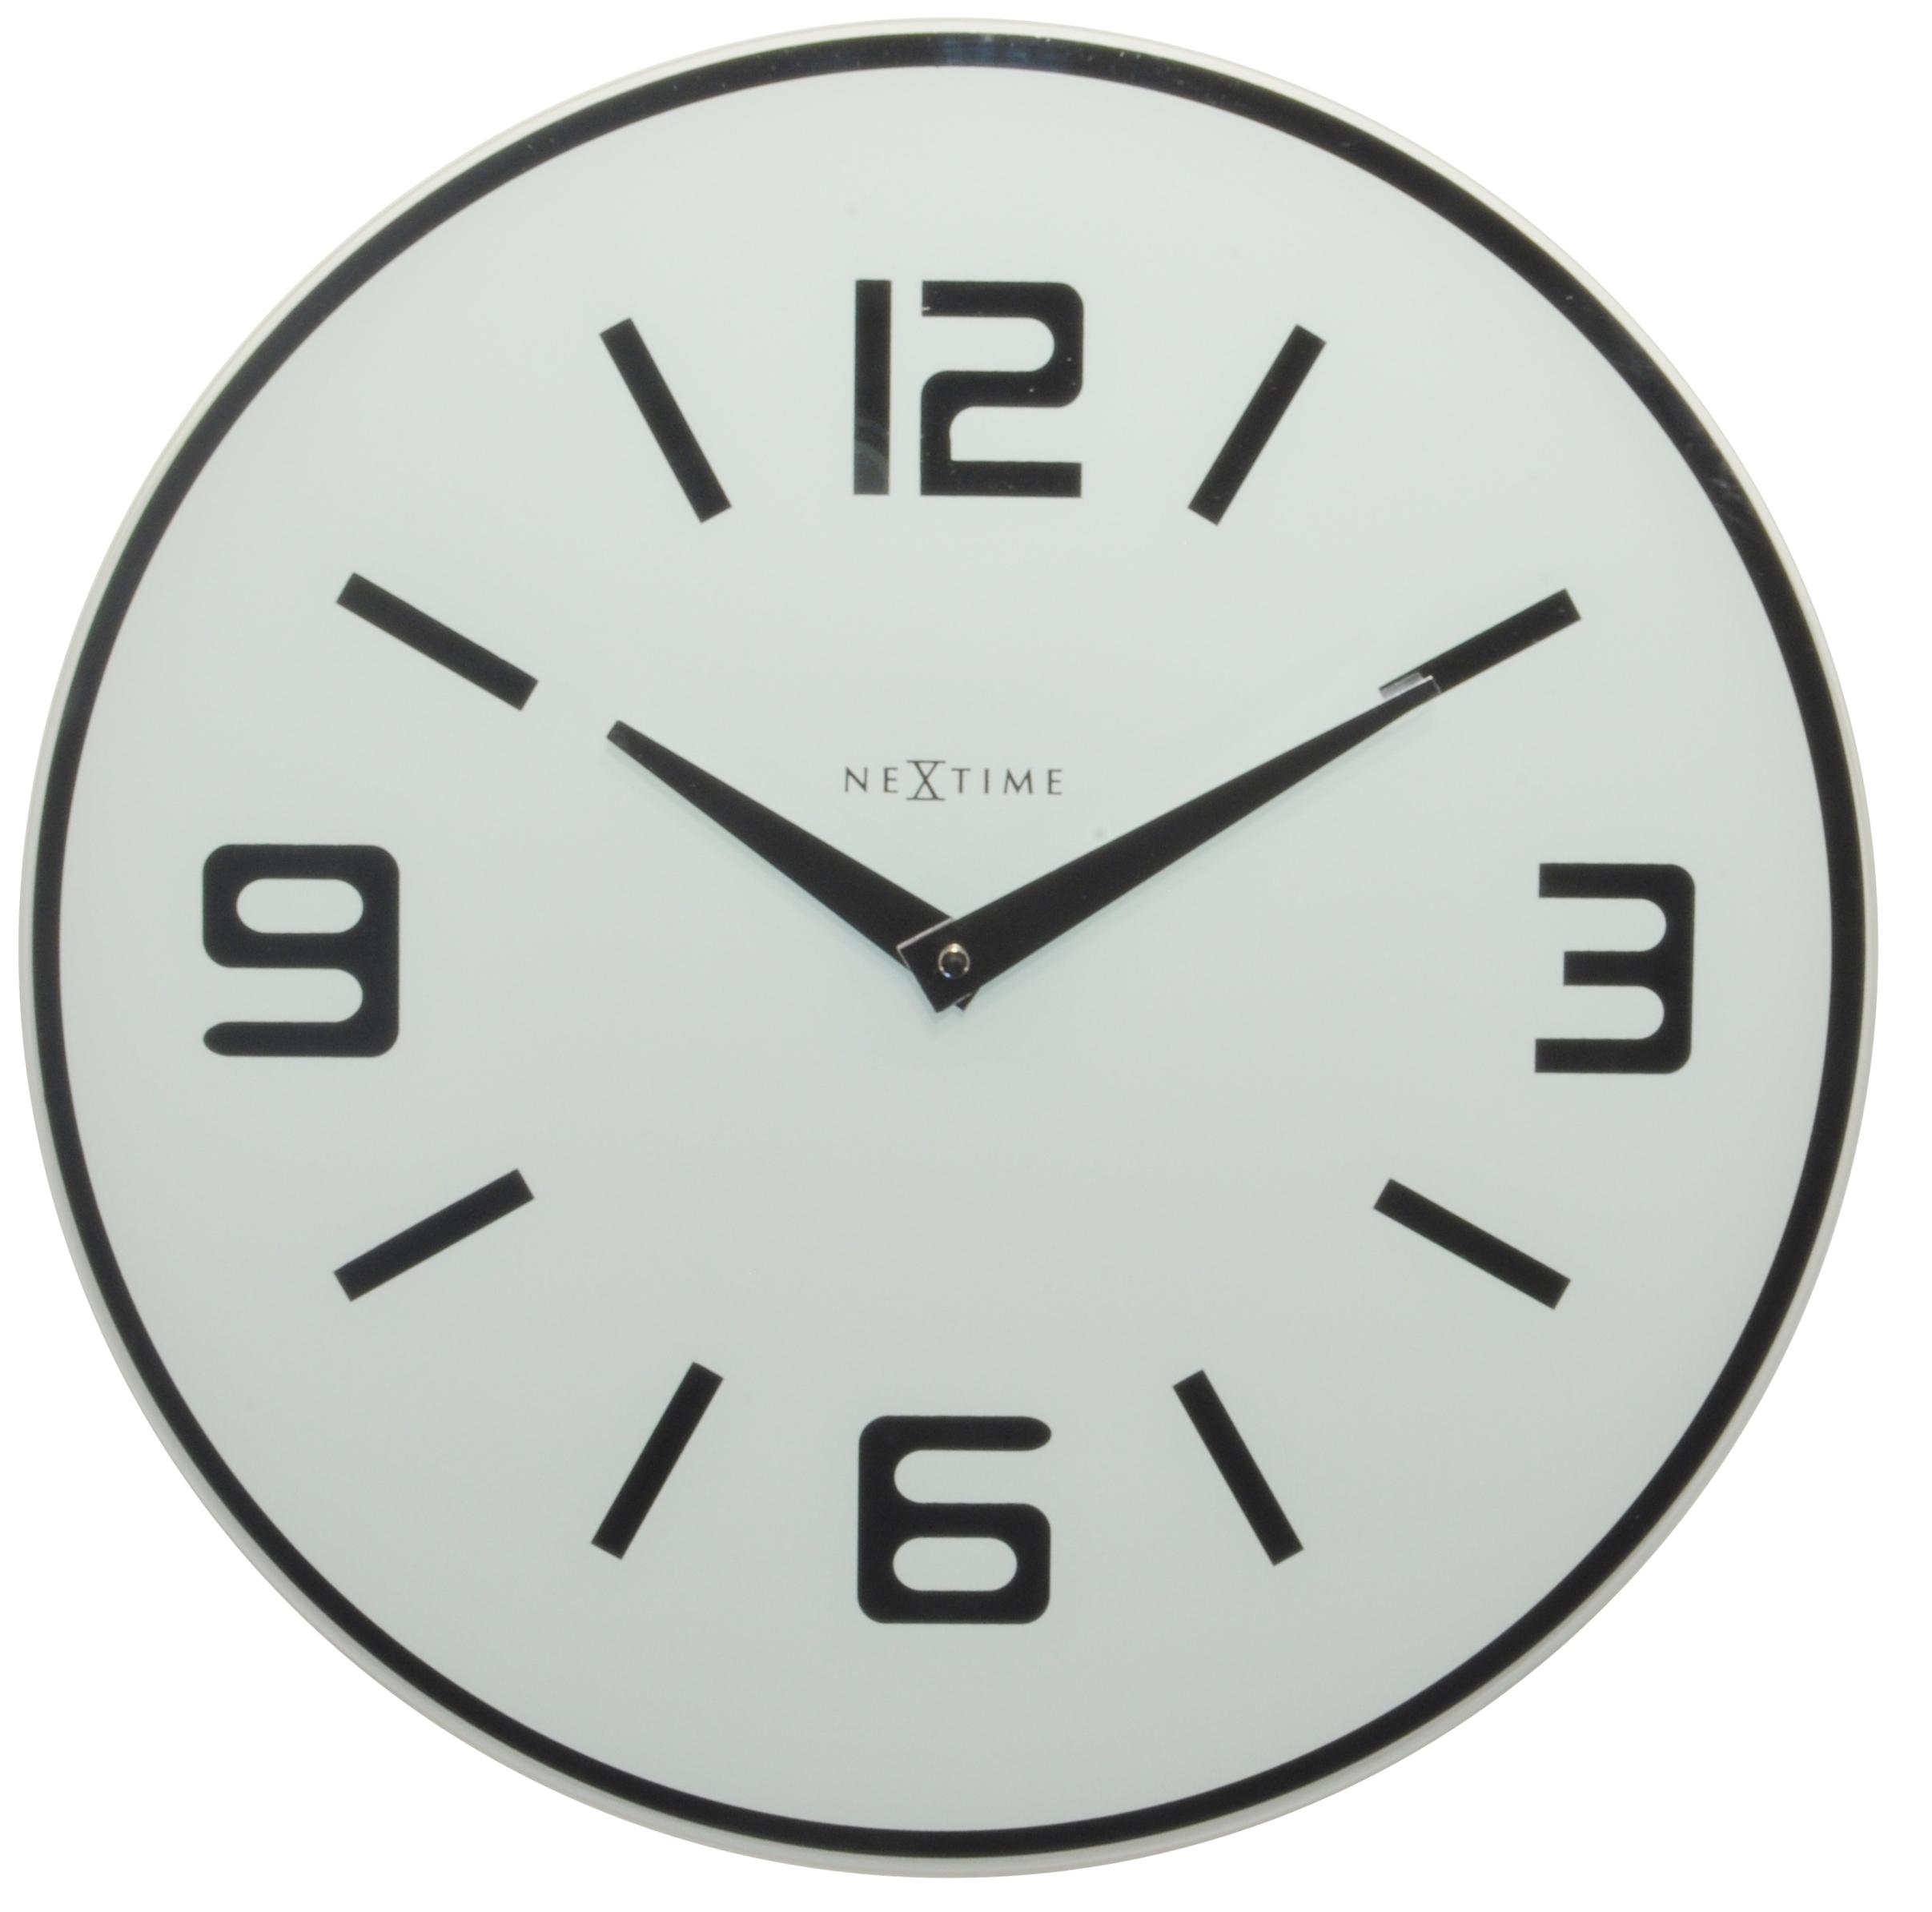 Nástěnné hodiny Shuwan 43 cm bílé - NEXTIME